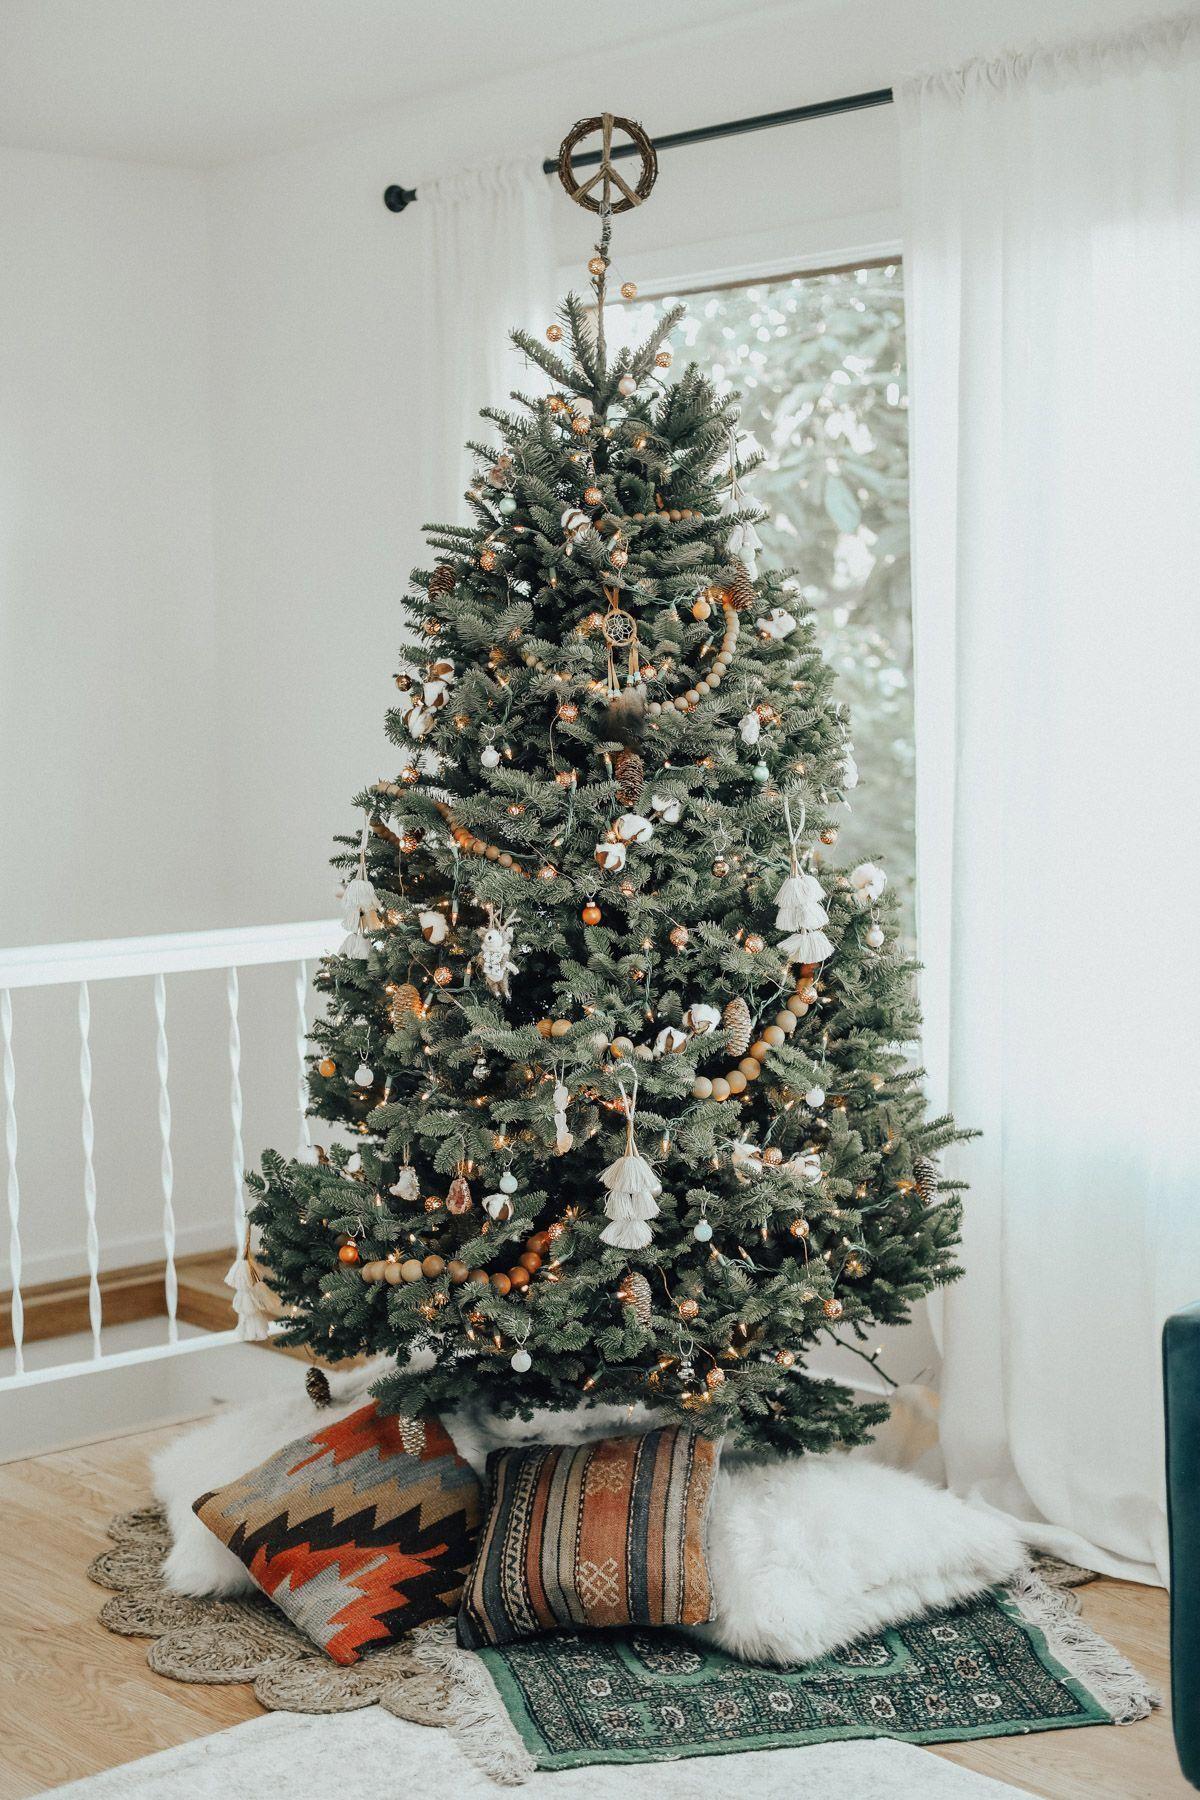 Christmas Gift Ideas To Make For Family Christmas Cards Reddit Boho Christmas Tree Boho Christmas Decor Bohemian Christmas